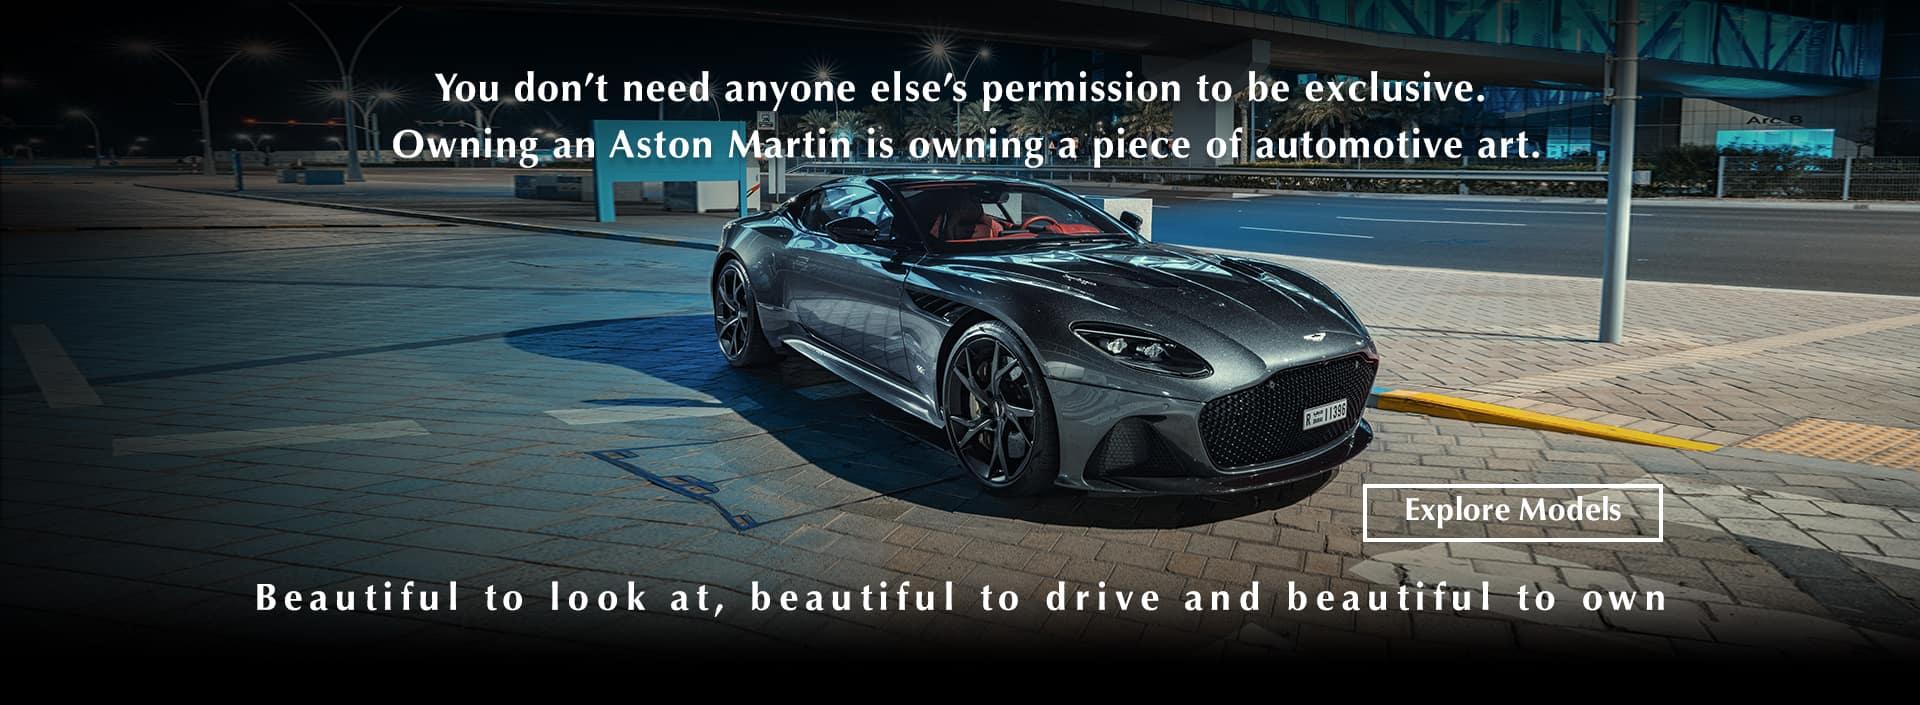 Aston Martin Automotive Art